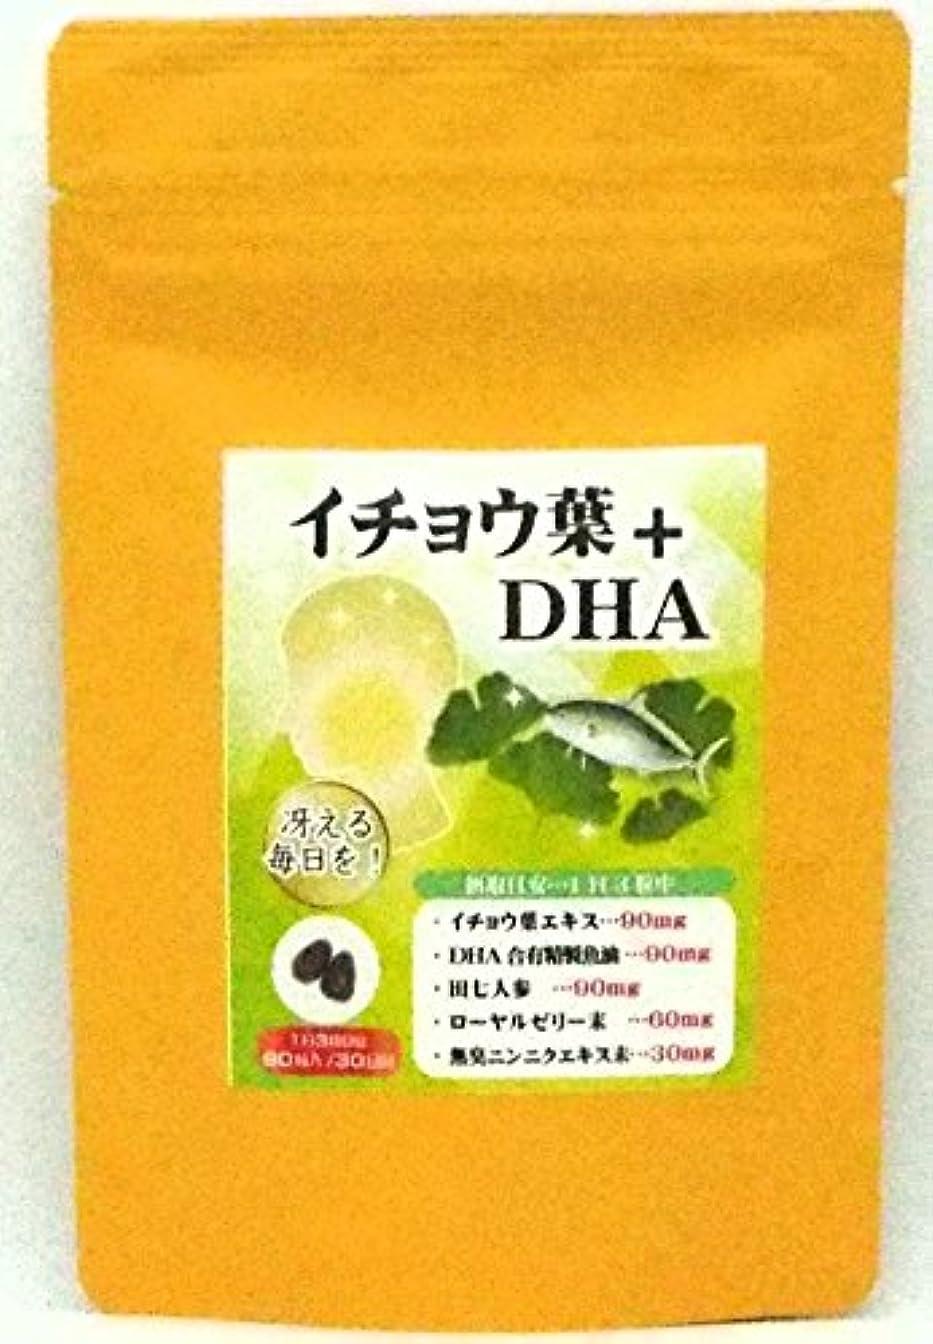 逆説姿勢銀河イチョウ葉+DHA サプリメント 90粒入 3粒にイチョウ葉エキス90mg、DHA合有精製魚油90mg、田七人参90mg、ローヤルゼリー末60mg配合